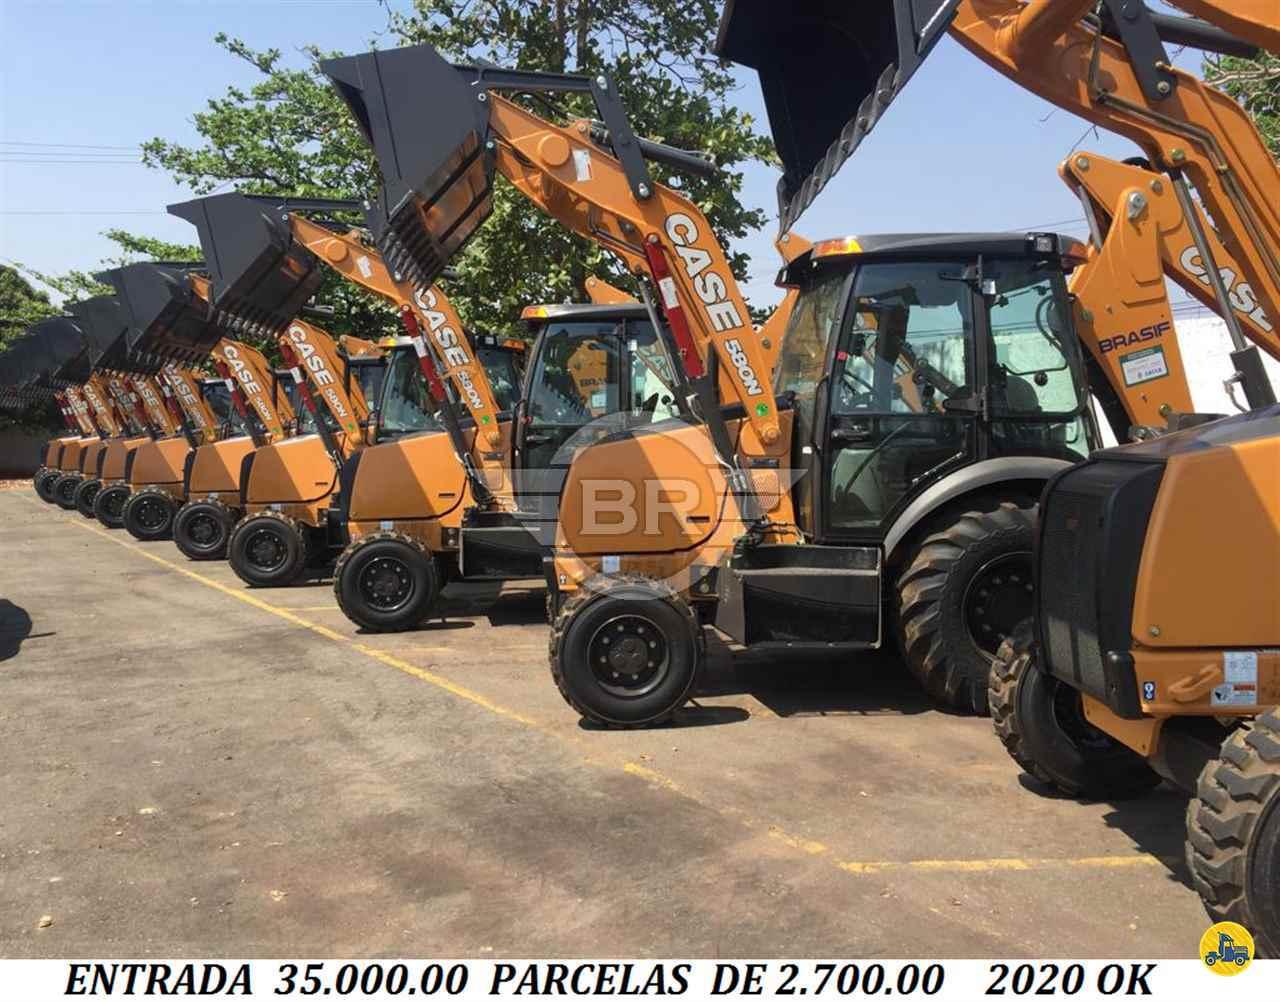 CASE 580N  2020/2020 Renovadora BR Frotas